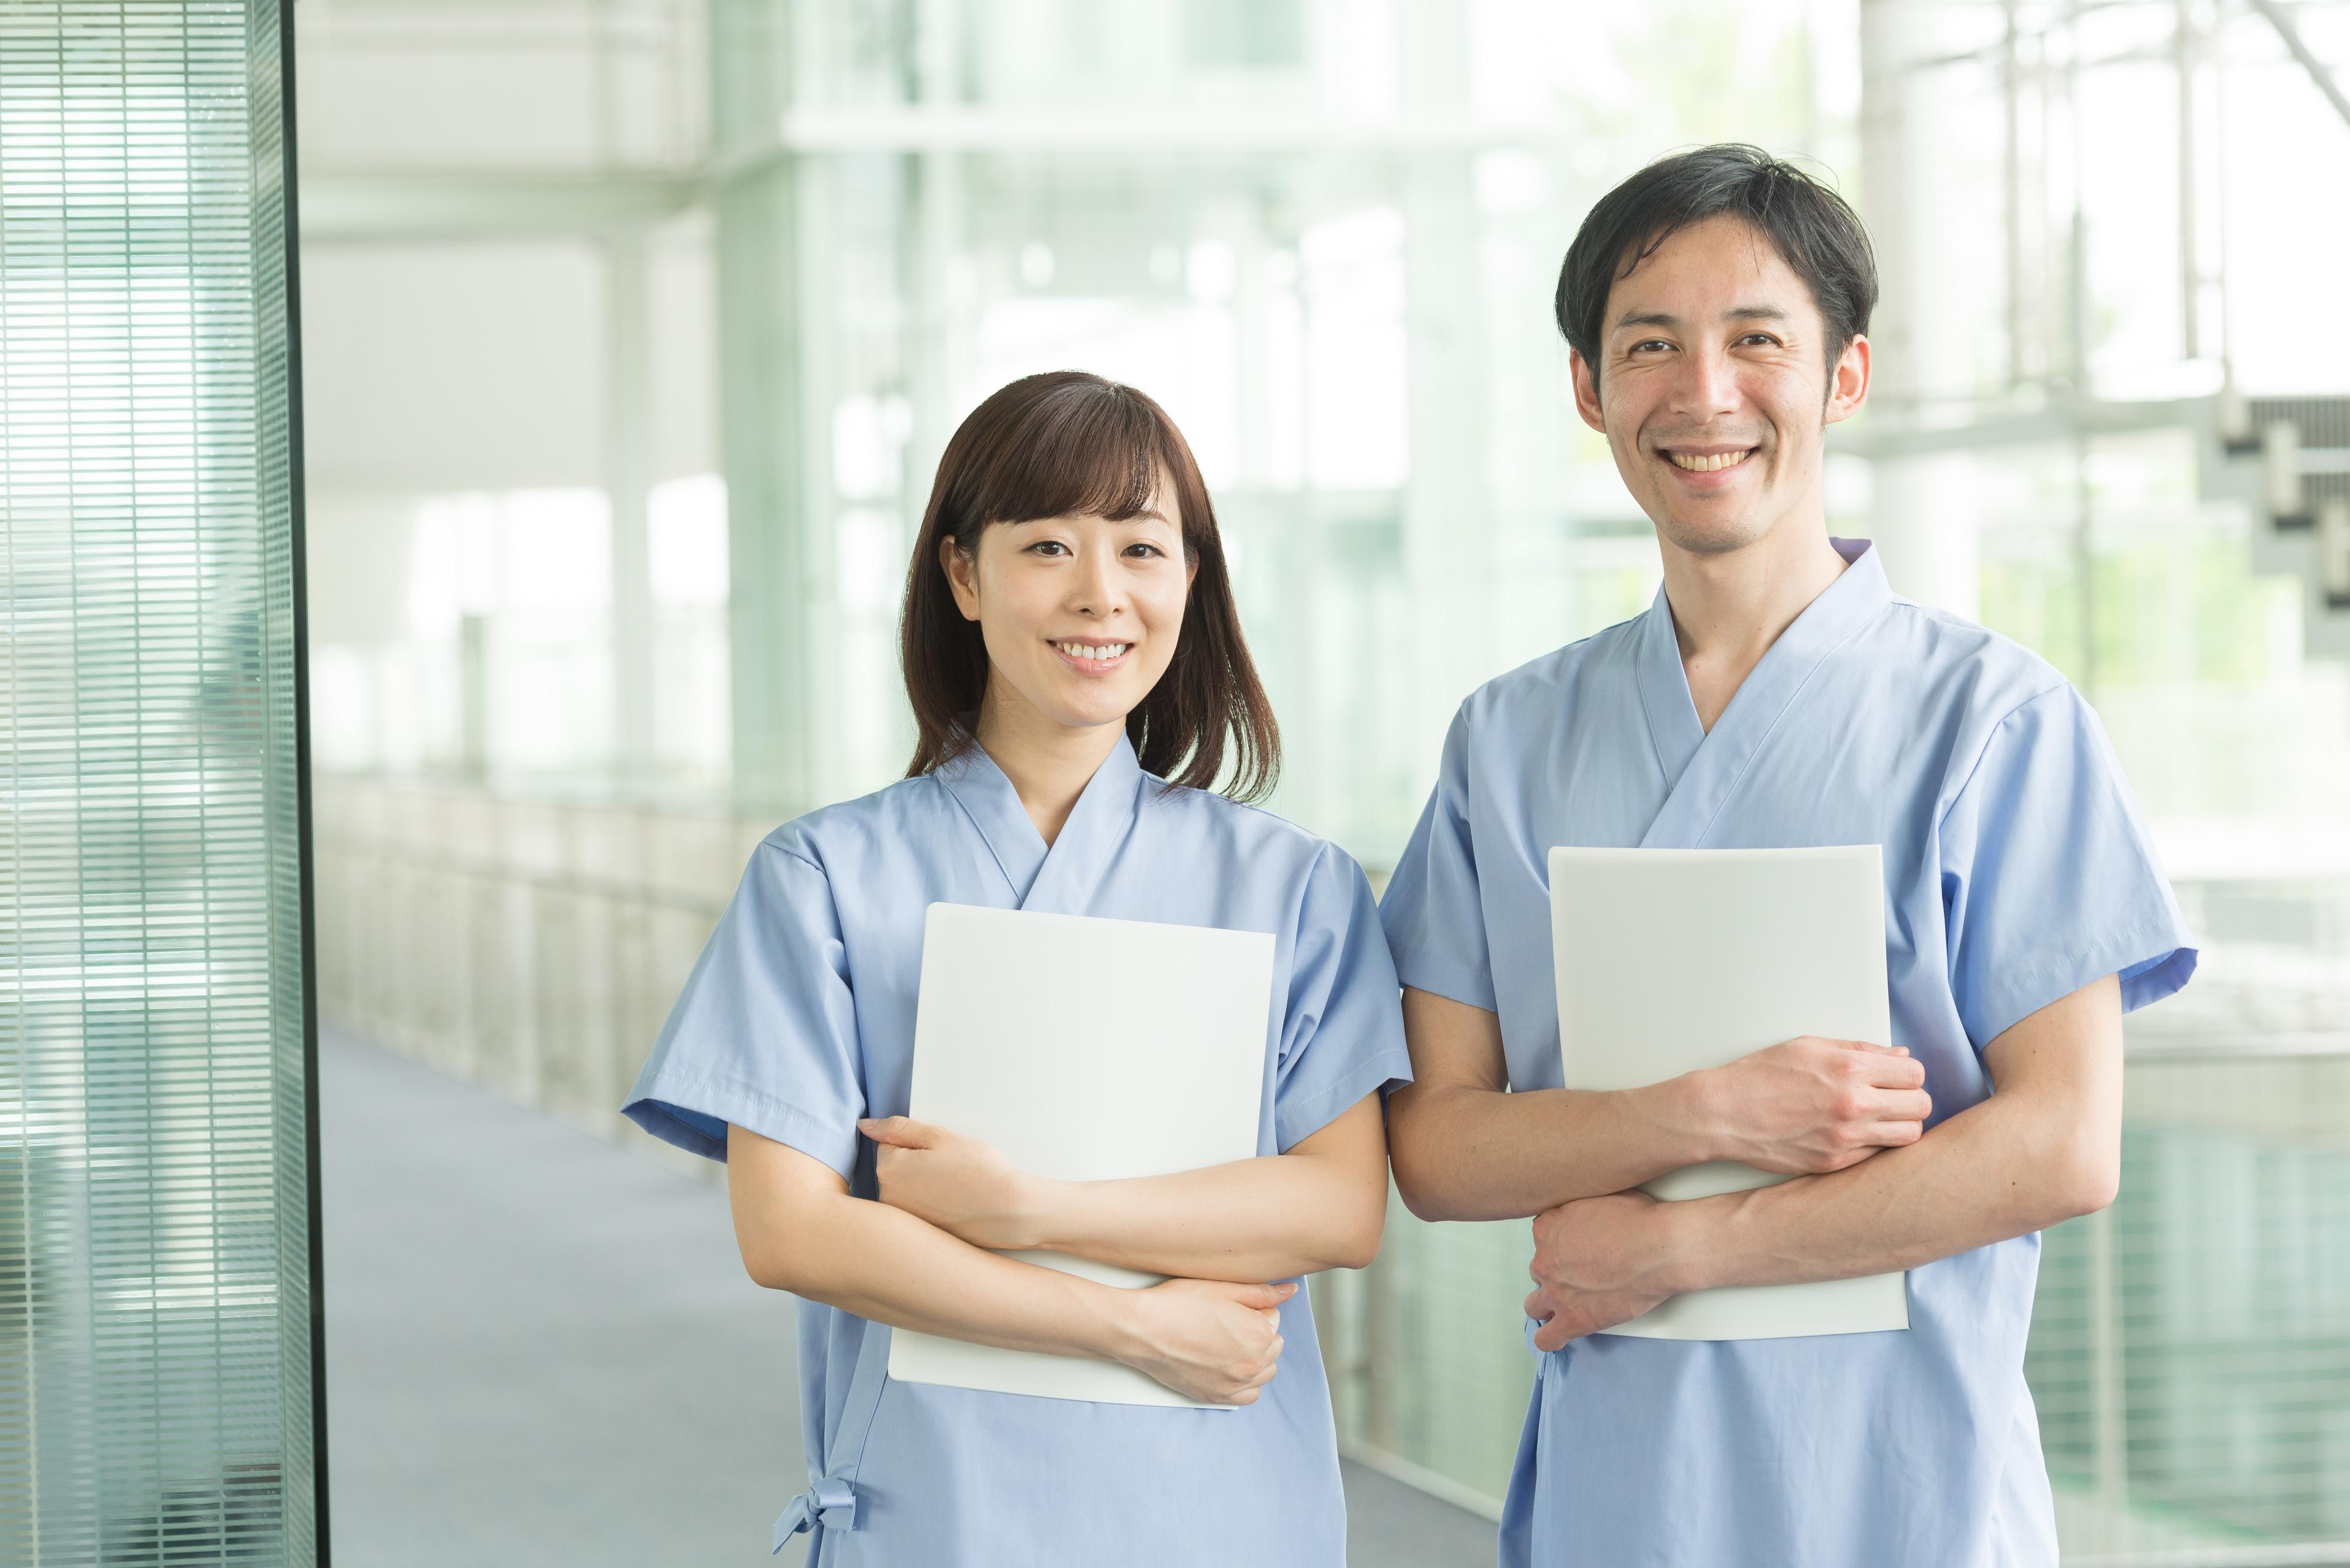 健康診断の実施は企業の義務!定期健診の費用はいくらかかる?のイメージ写真1